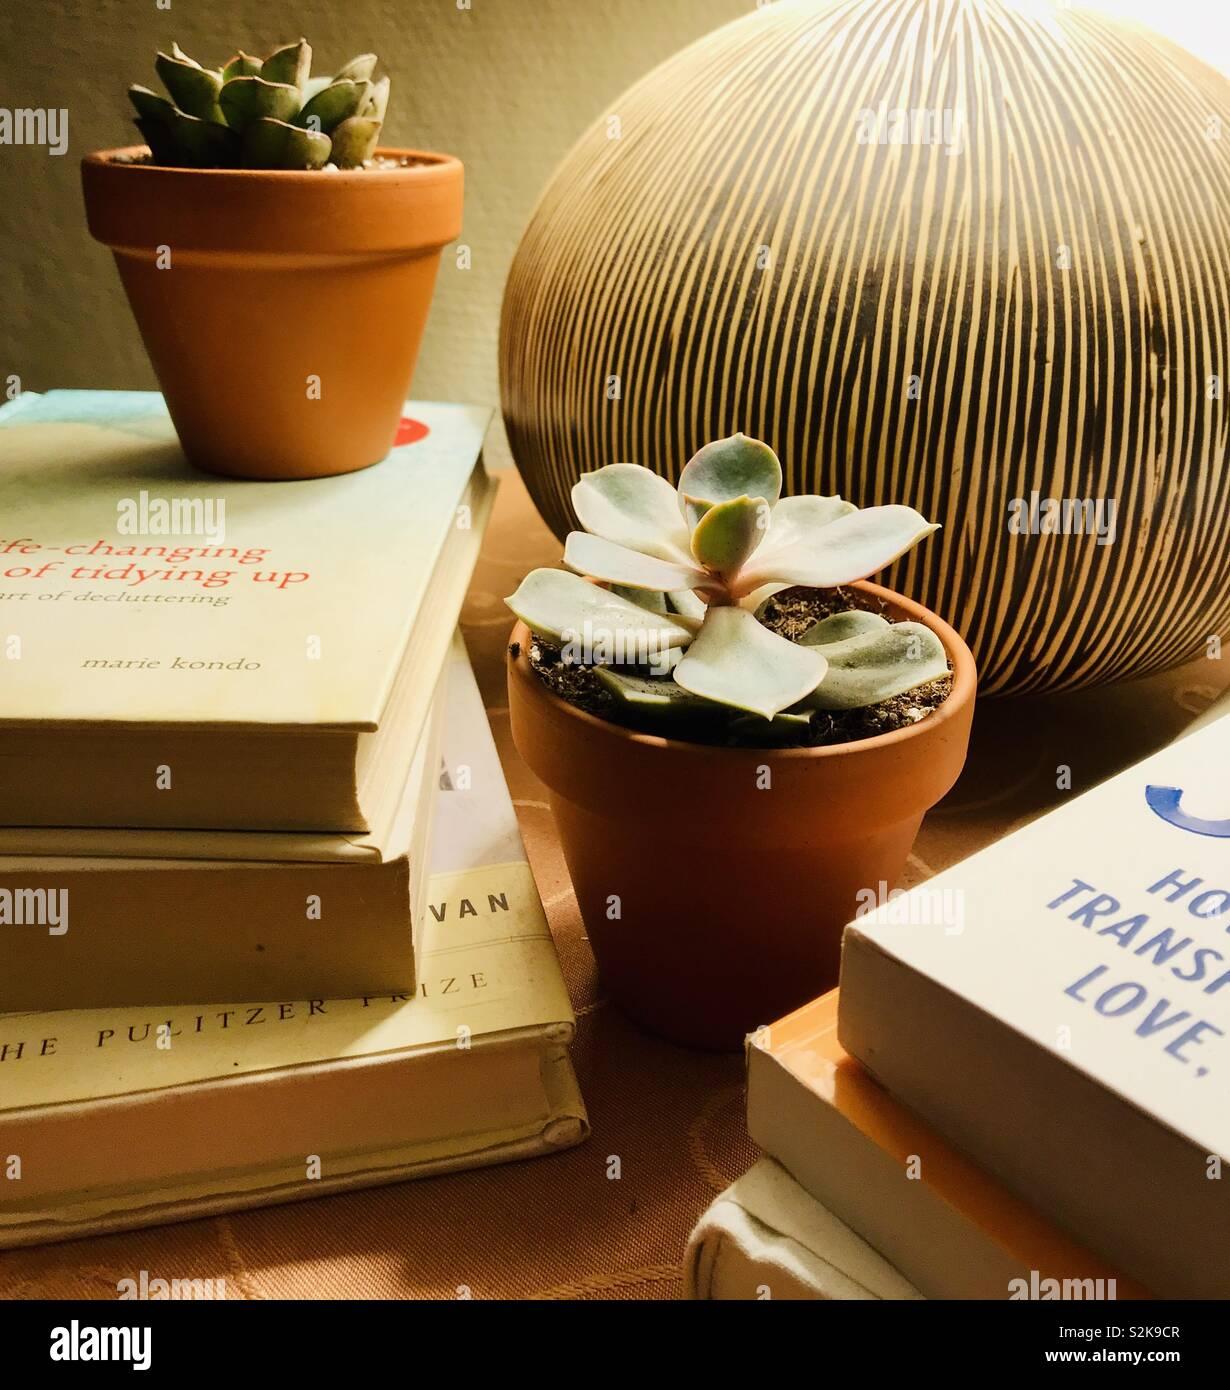 Abgelegte Bücher und sukkulenten Pflanzen Einrichtung mit Lampe Stockfoto